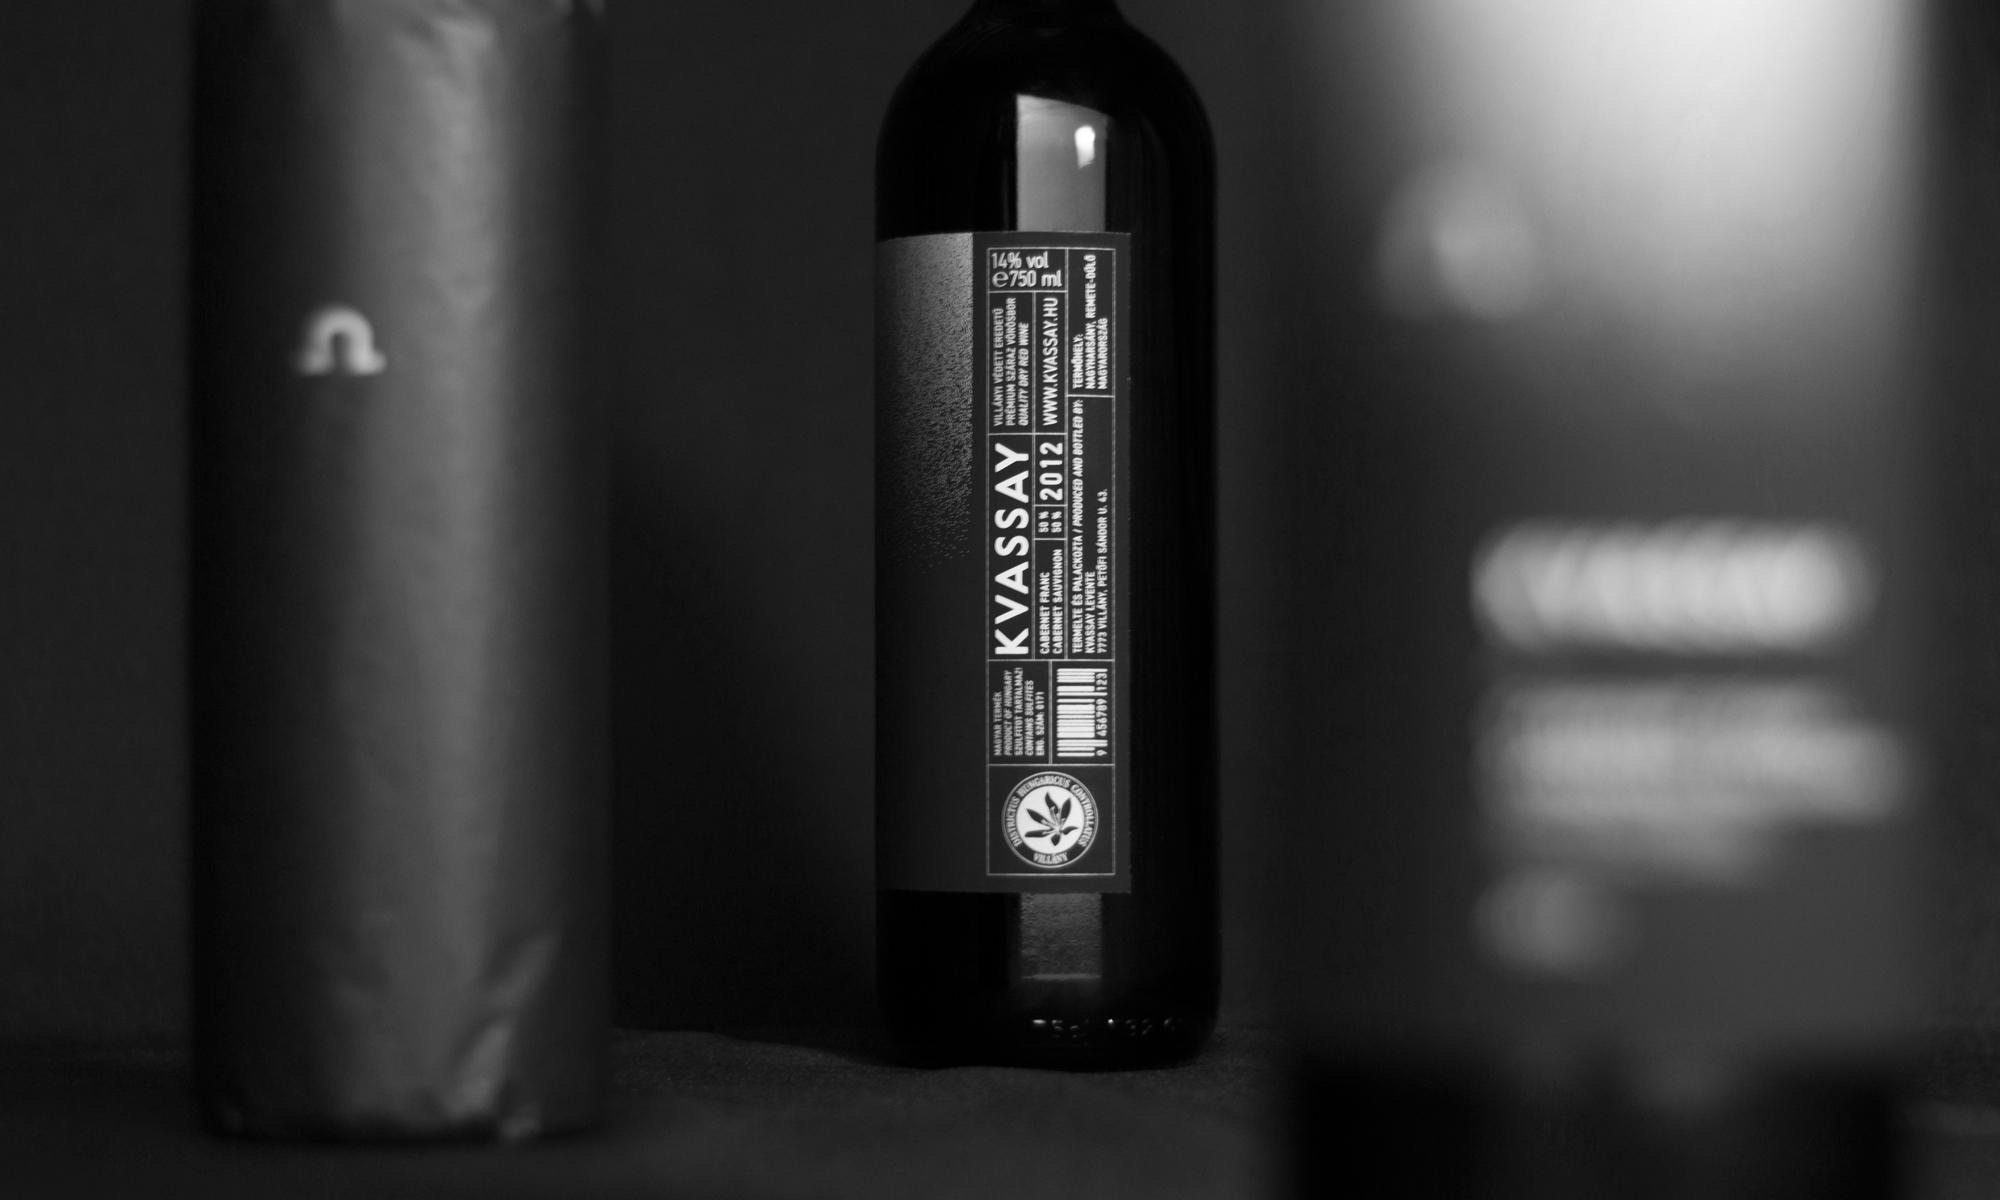 Kvassay wine label concept - Misztarka Eszter 04.jpg